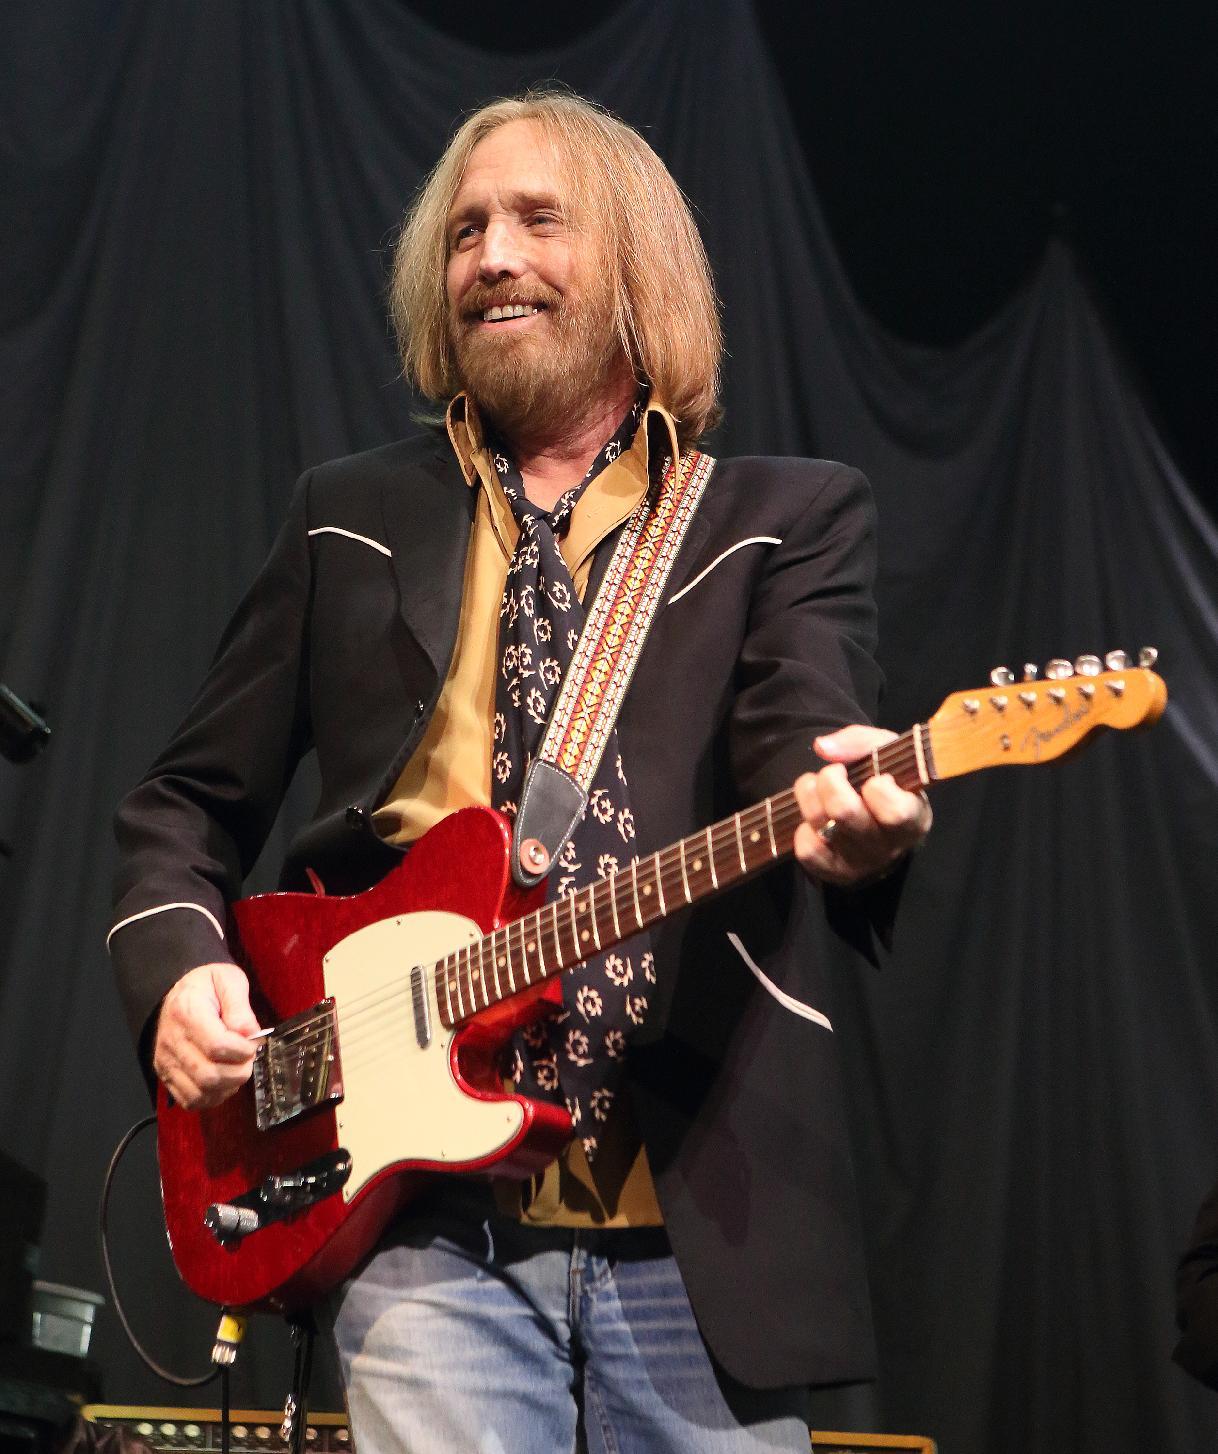 Tom Petty: No hard feelings for Sam Smith